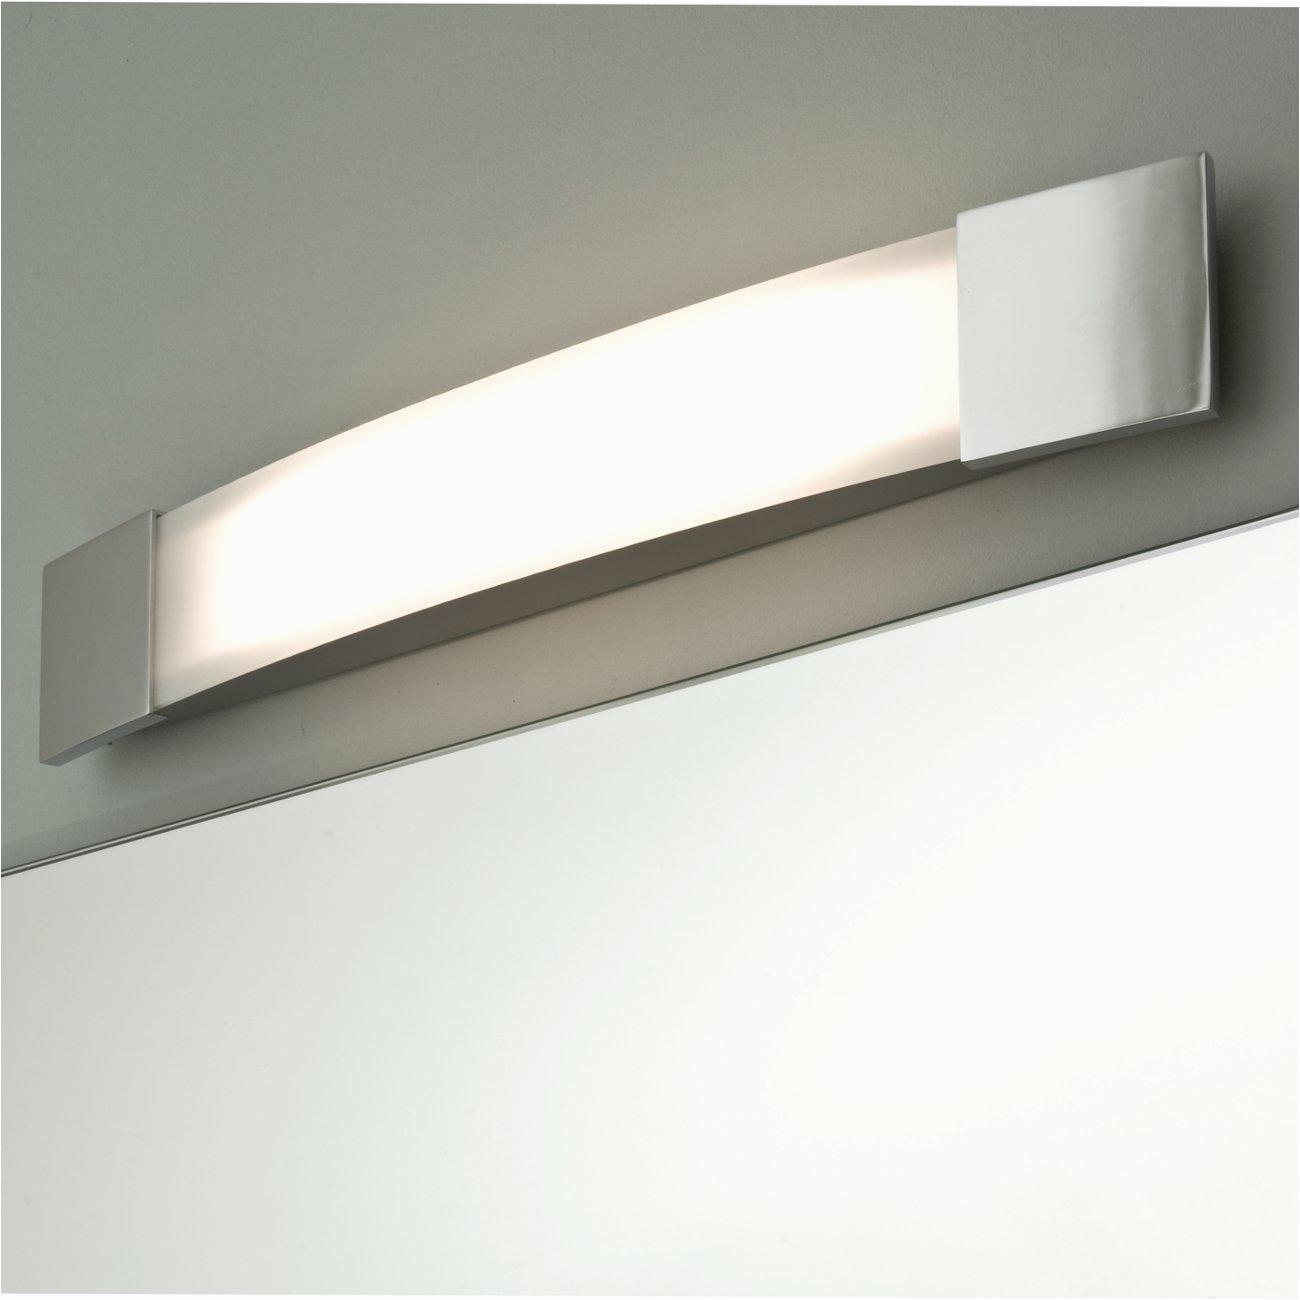 enorm lampe f c3 bcr badspiegel im bilder camp design mit